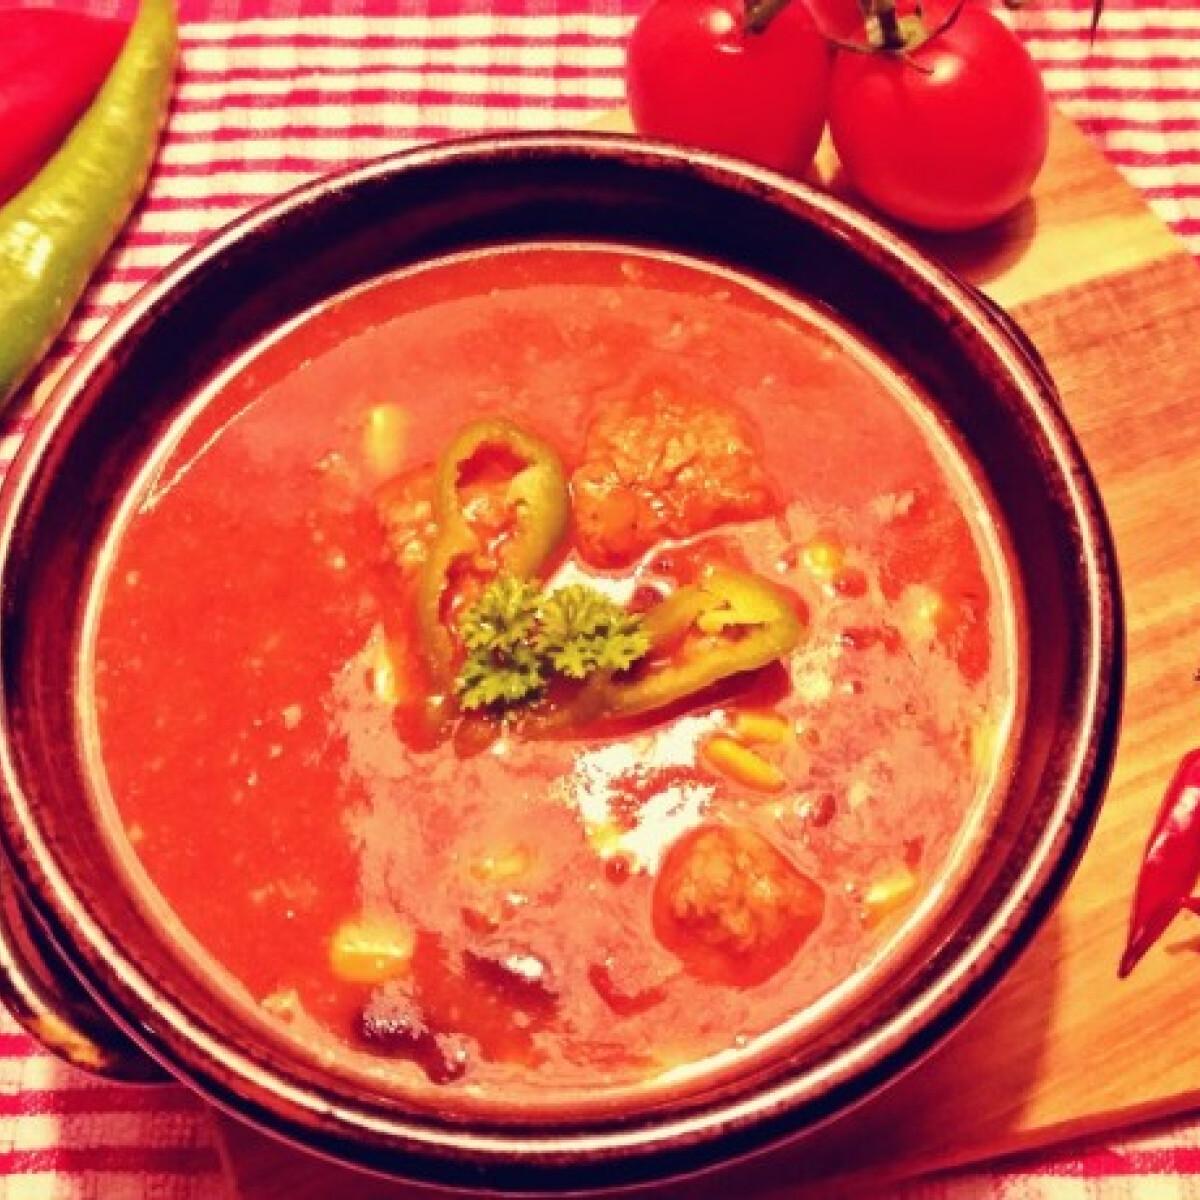 Ezen a képen: Chili con carne leves